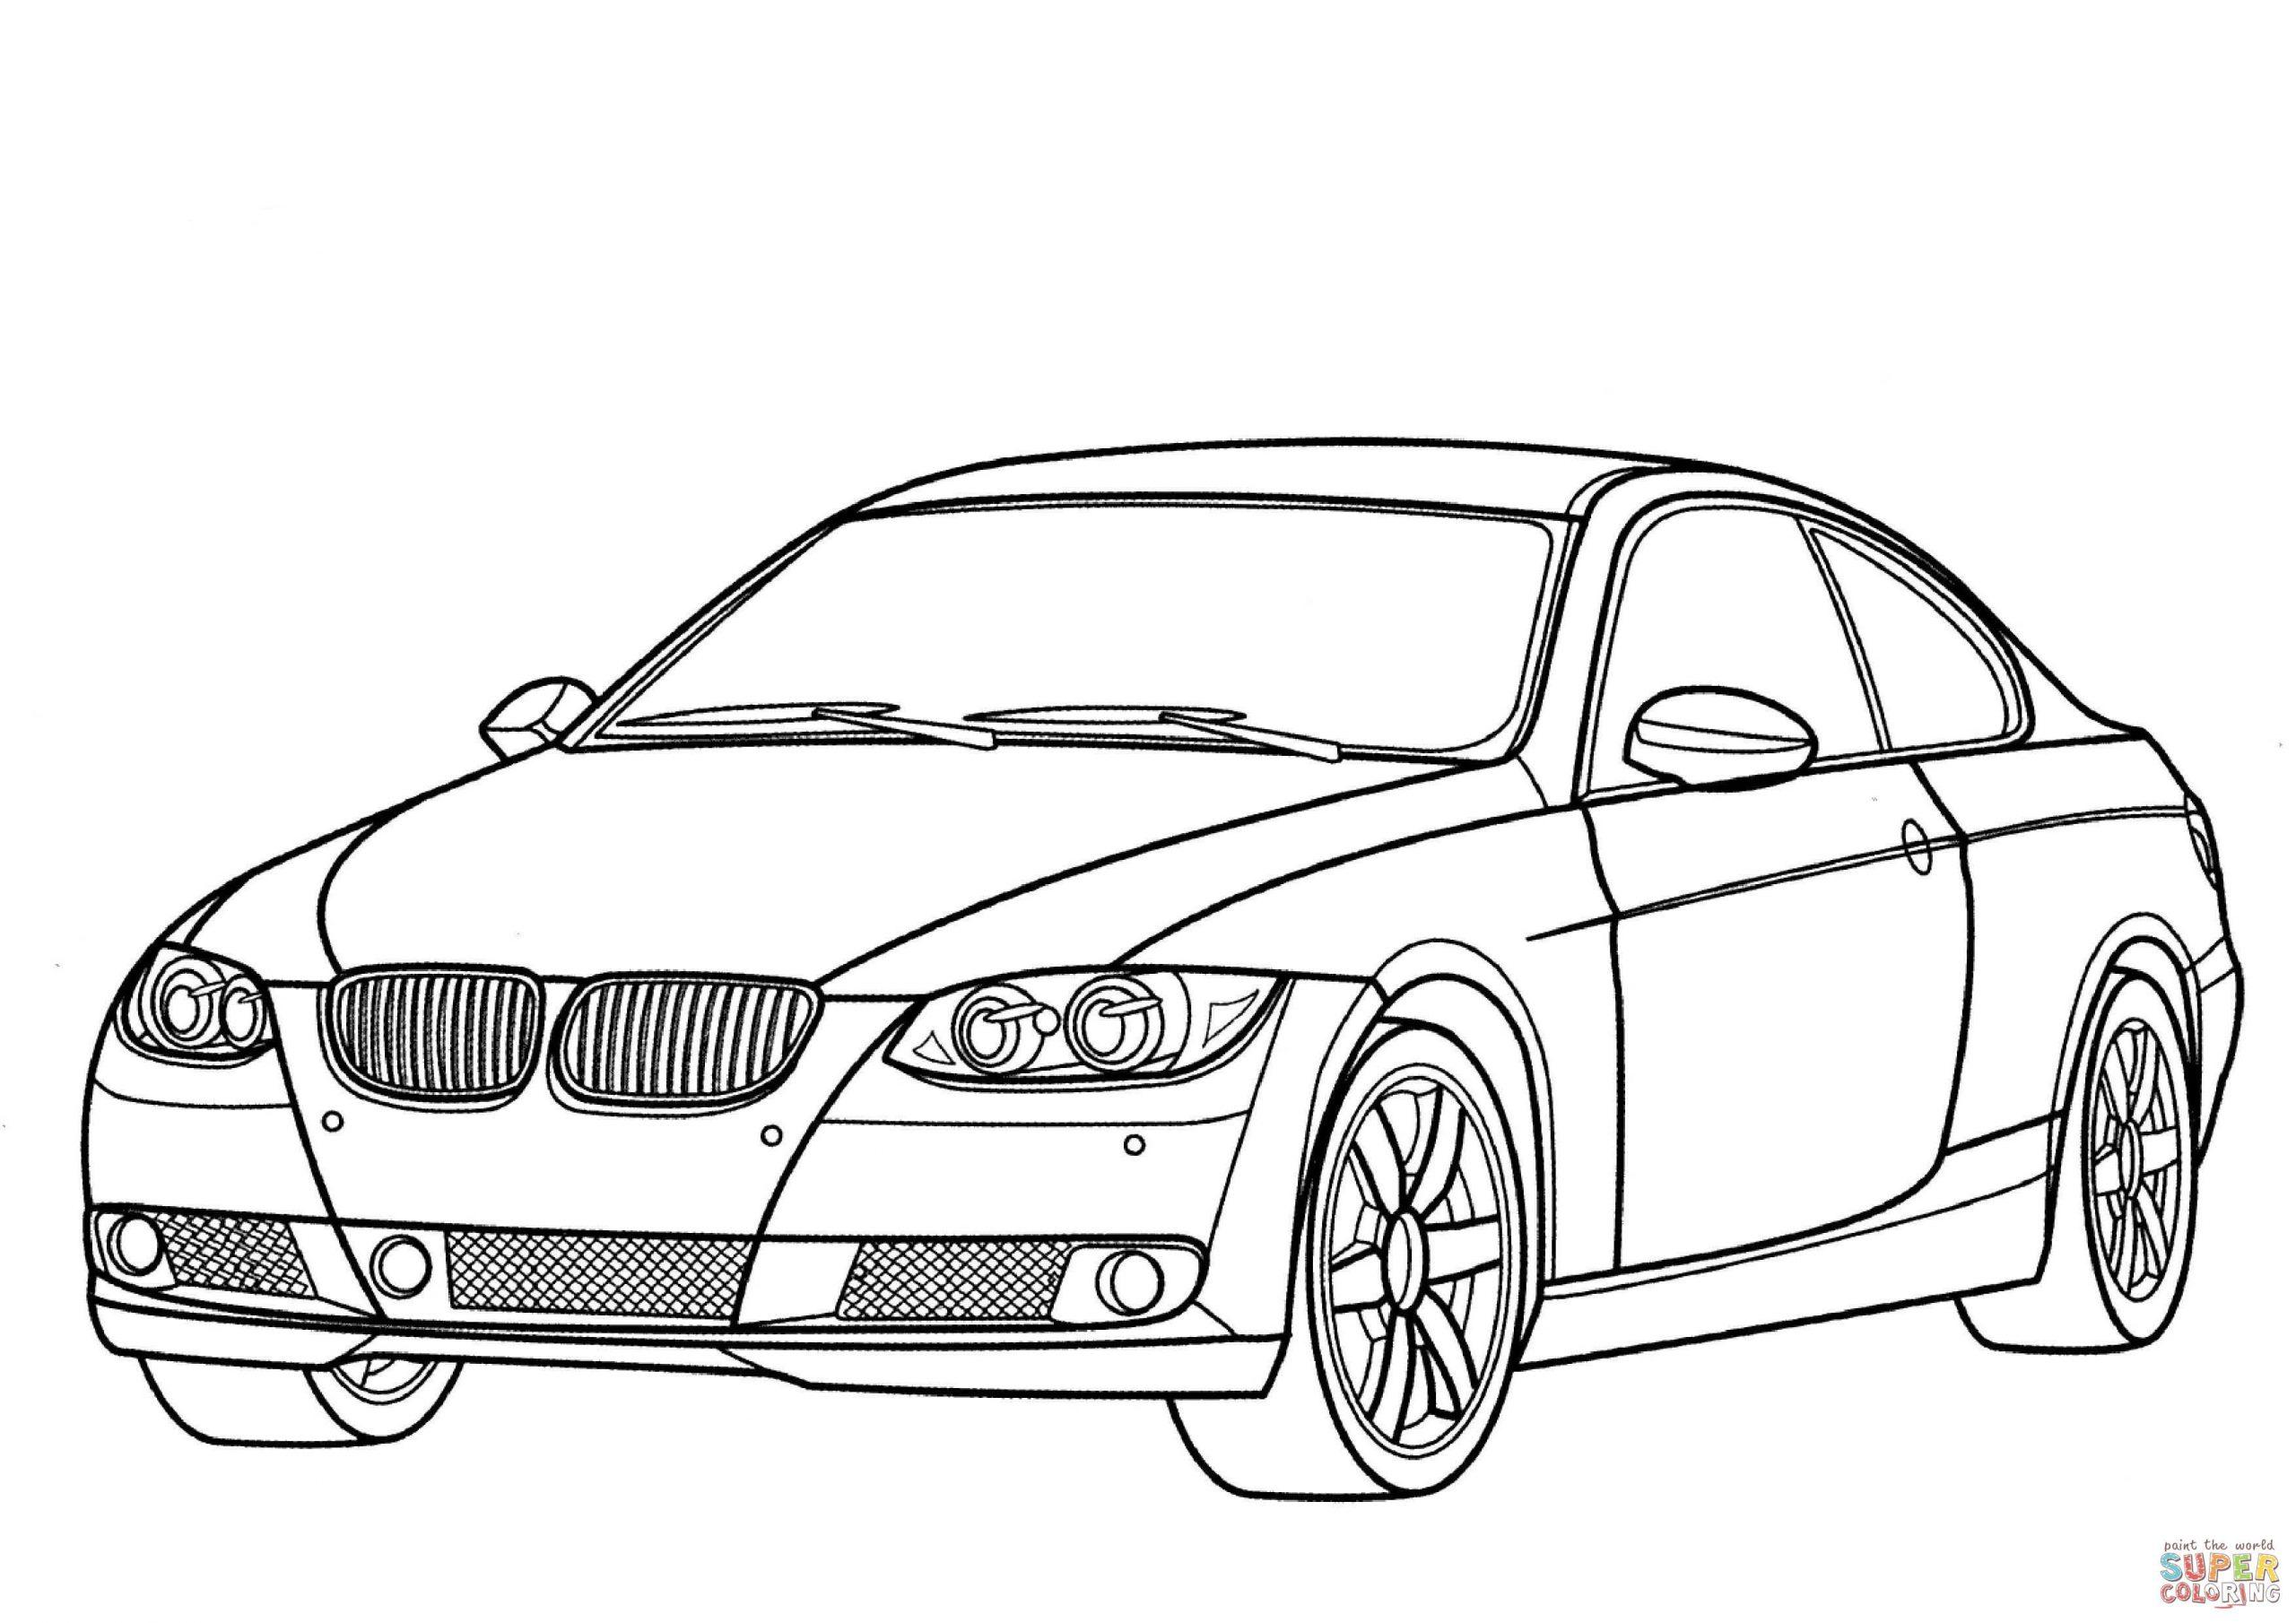 Ausmalbild: Bmw 3Er Reihe | Ausmalbilder Kostenlos Zum innen Ausmalbilder Auto Kostenlos